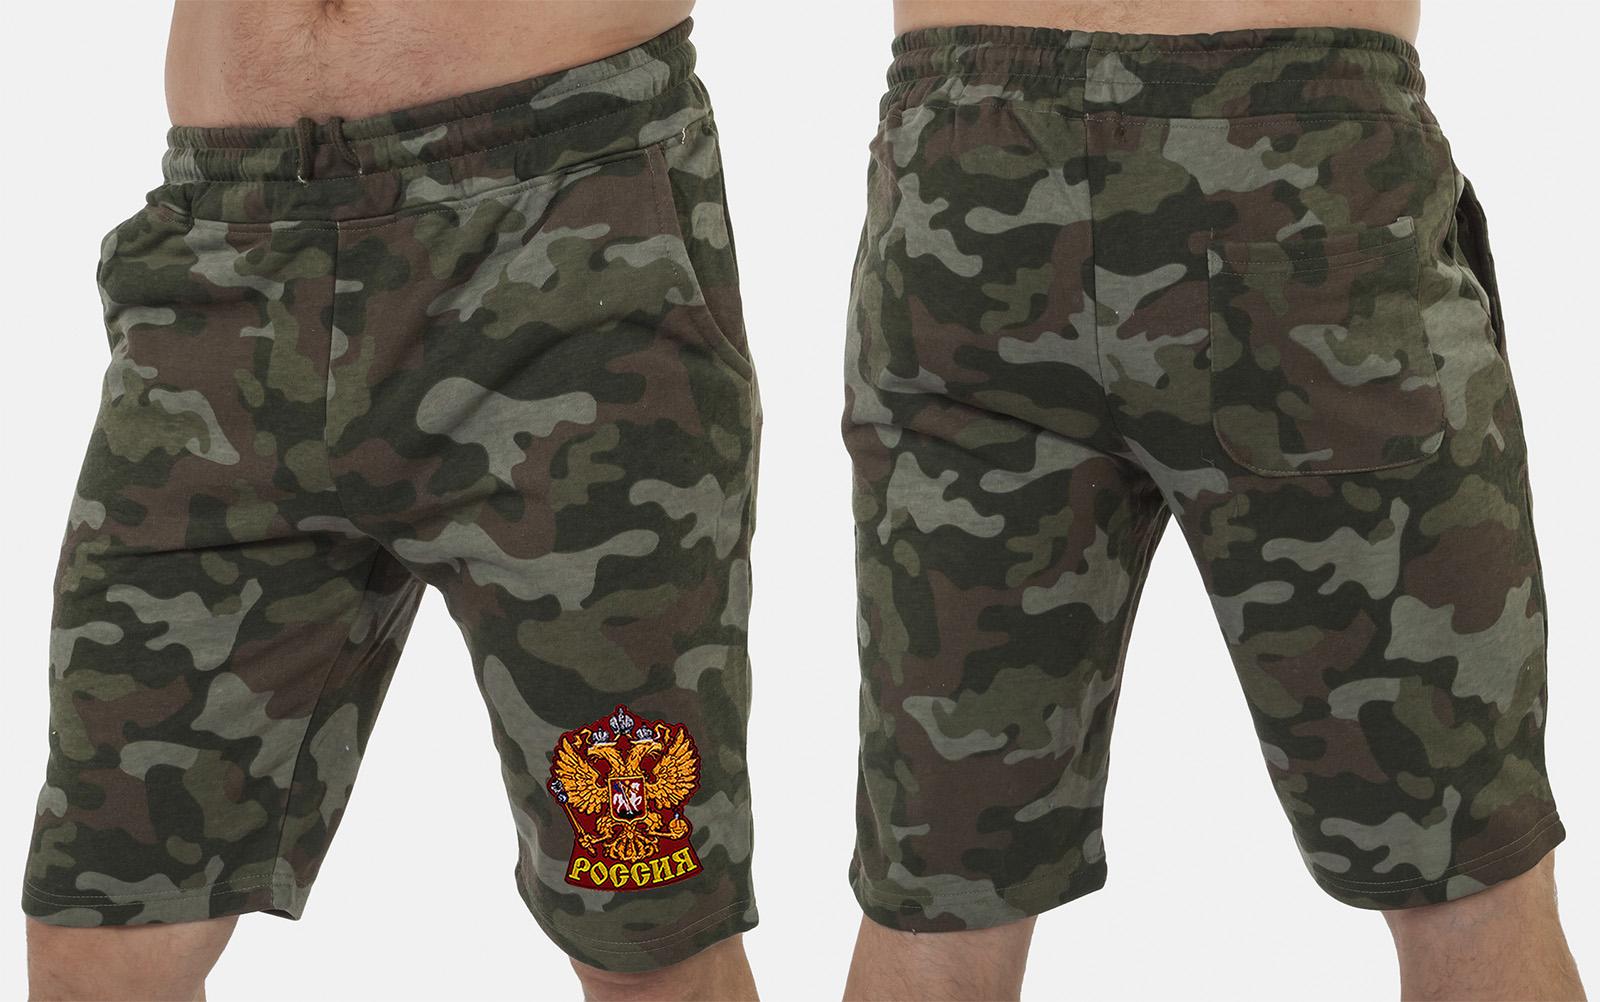 Военные милитари шорты с нашивкой Россия - купить онлайн